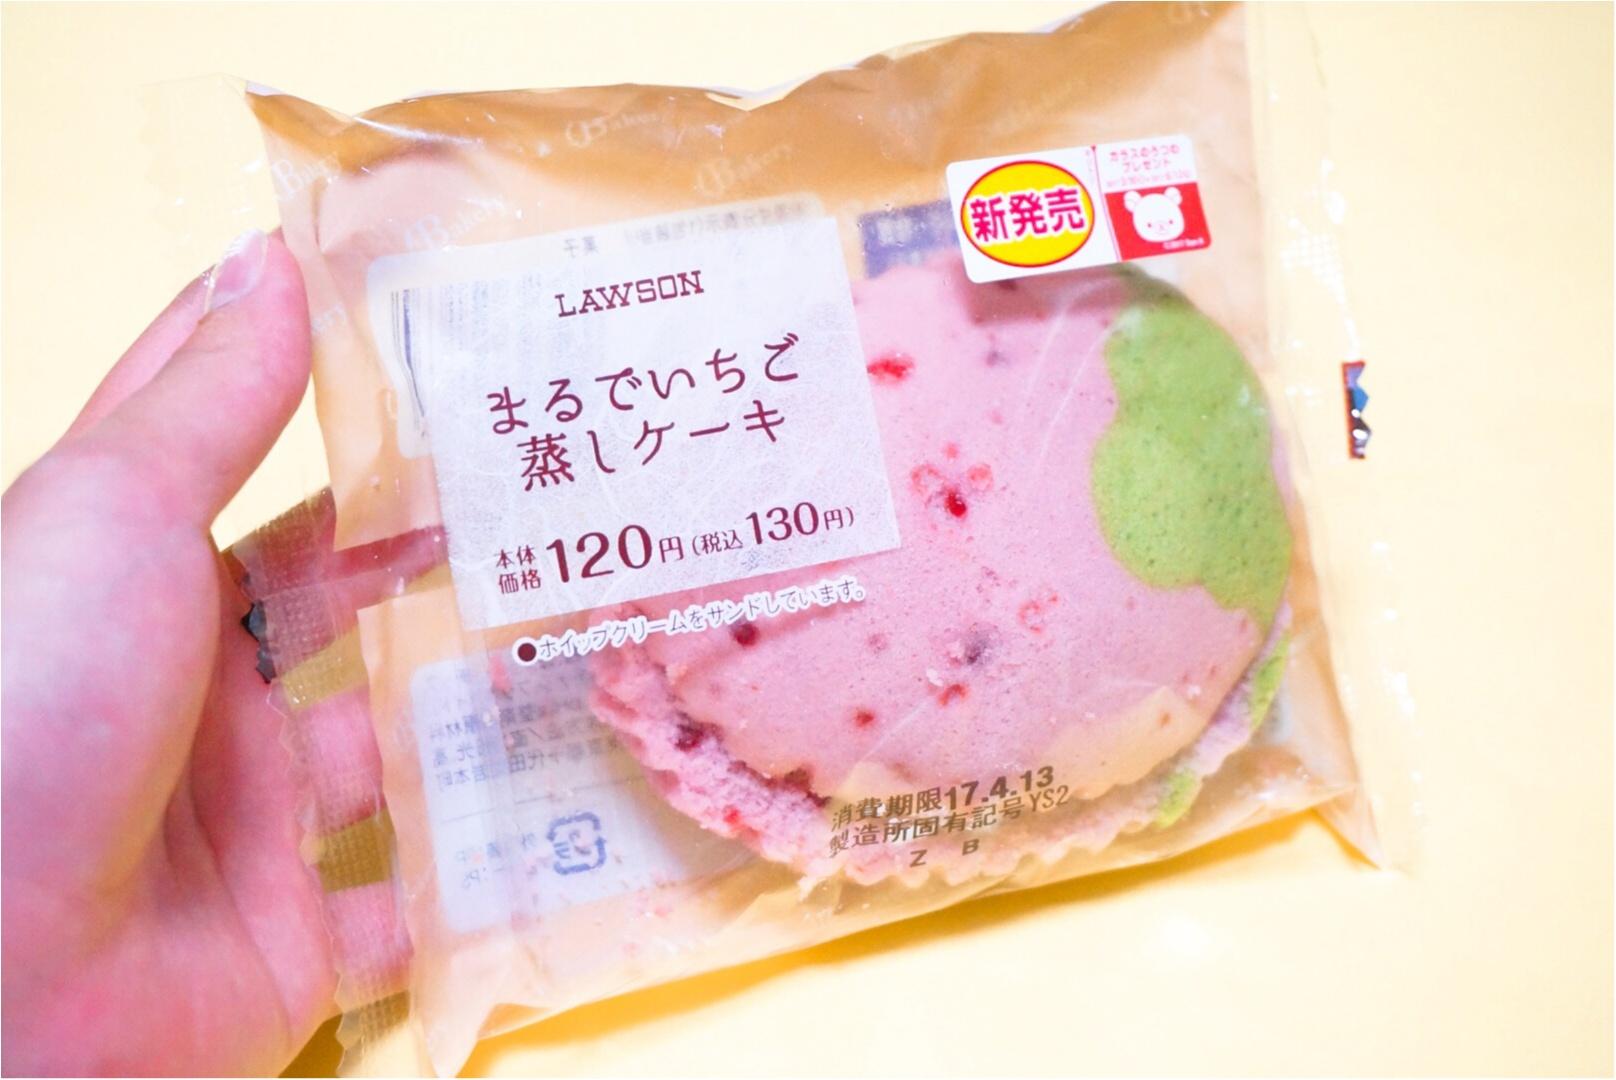 ピンクカラーが目を引くコンビニパン♪本日発売‼︎【ローソン】の『まるでいちご蒸しケーキ』が可愛すぎるっ♡_1